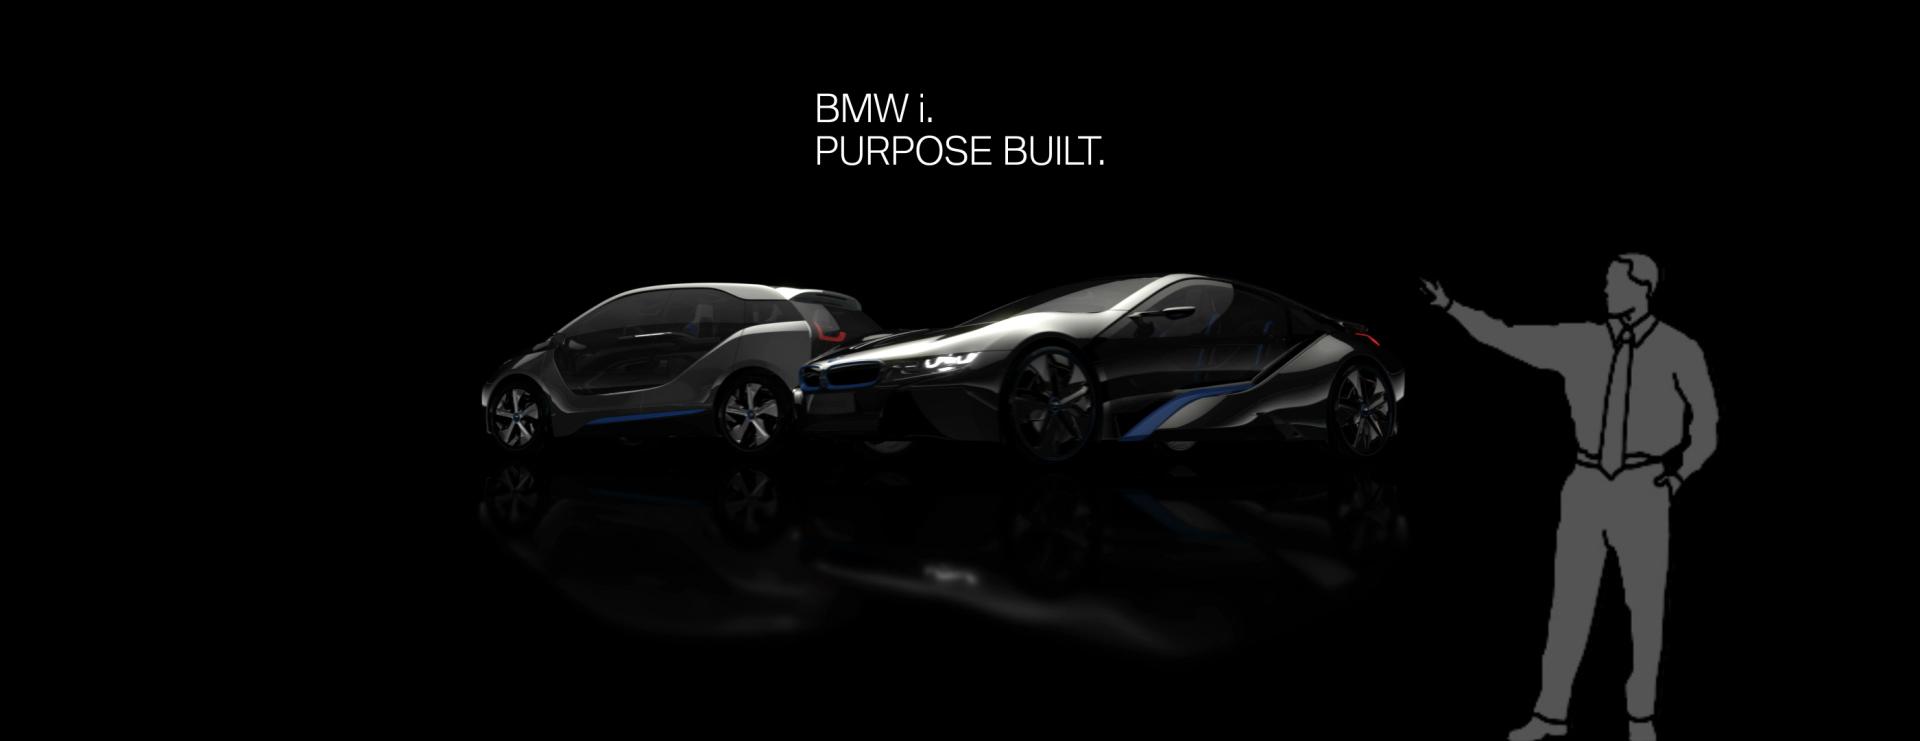 BMWi_presentation (0.00.19.07)